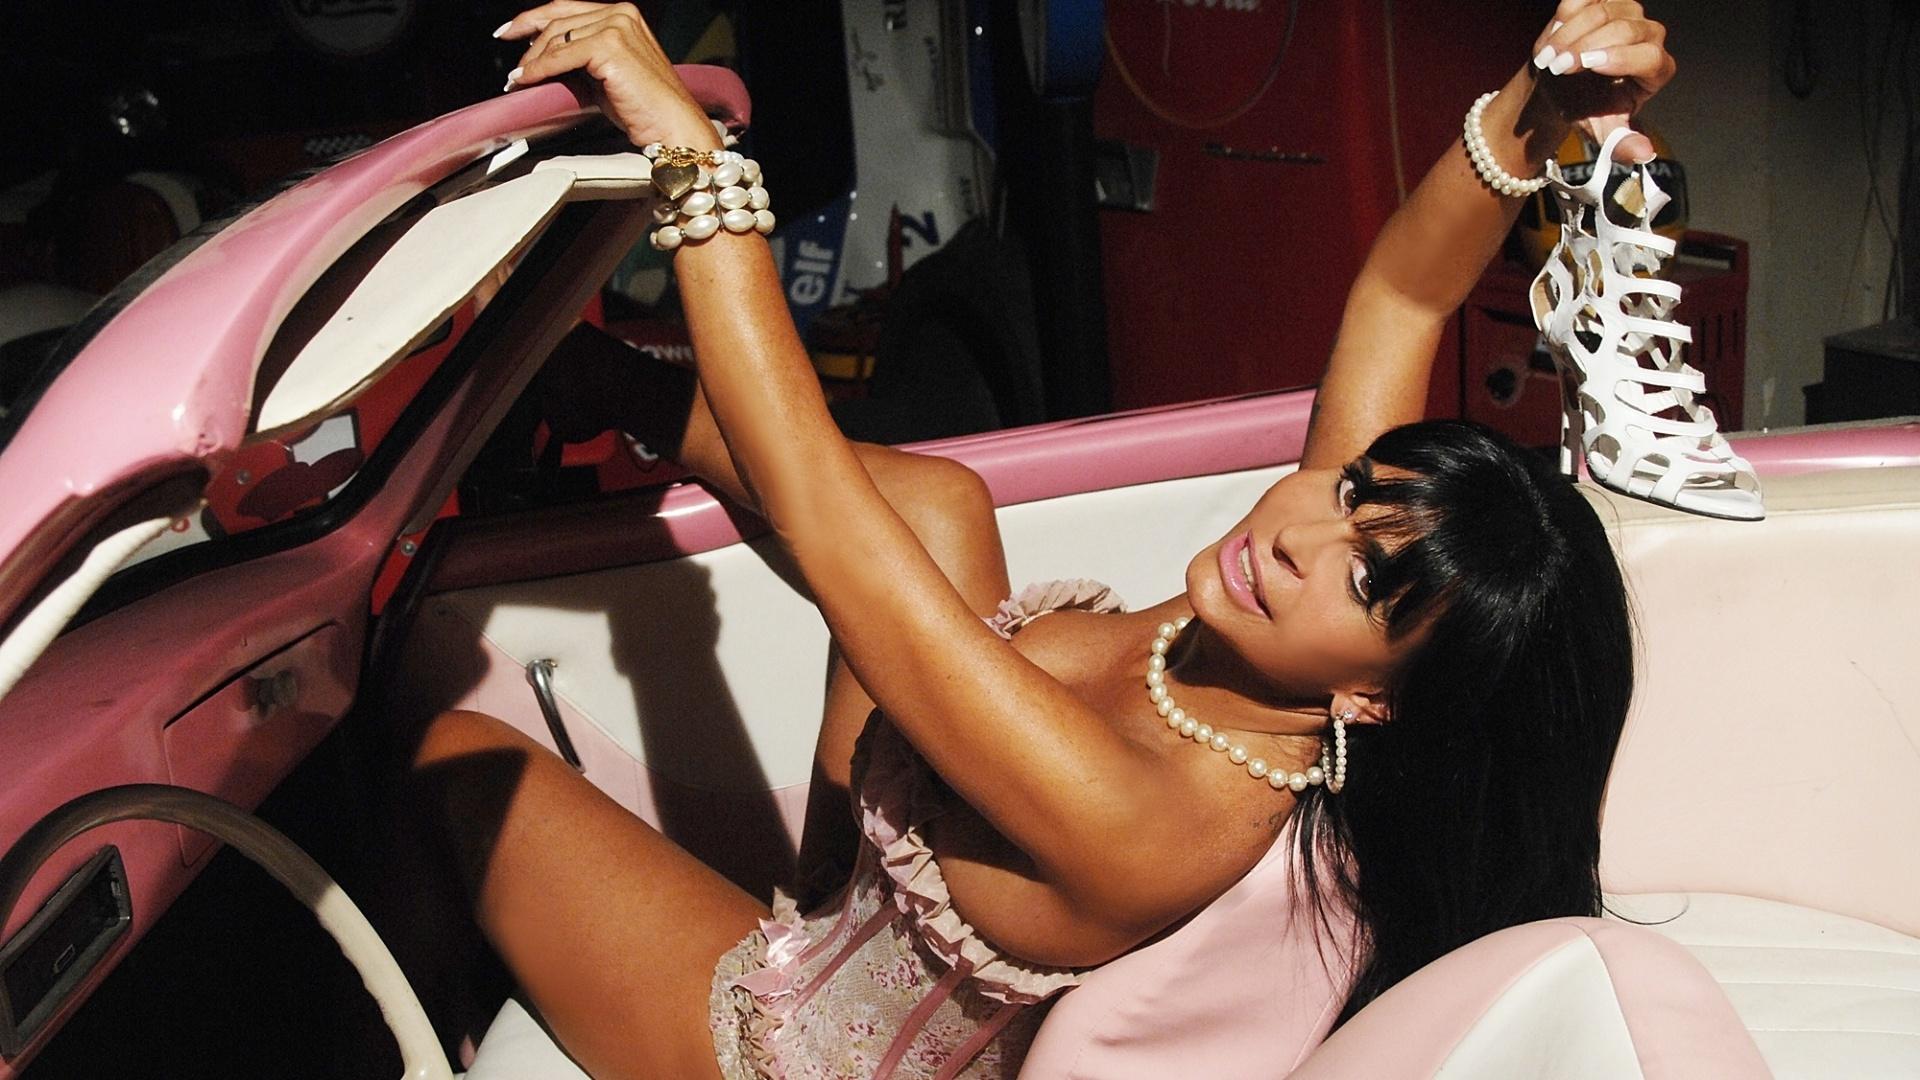 Com lingerie sensual, Gretchen posa para ensaio fotográfico feito antes de sua entrada em